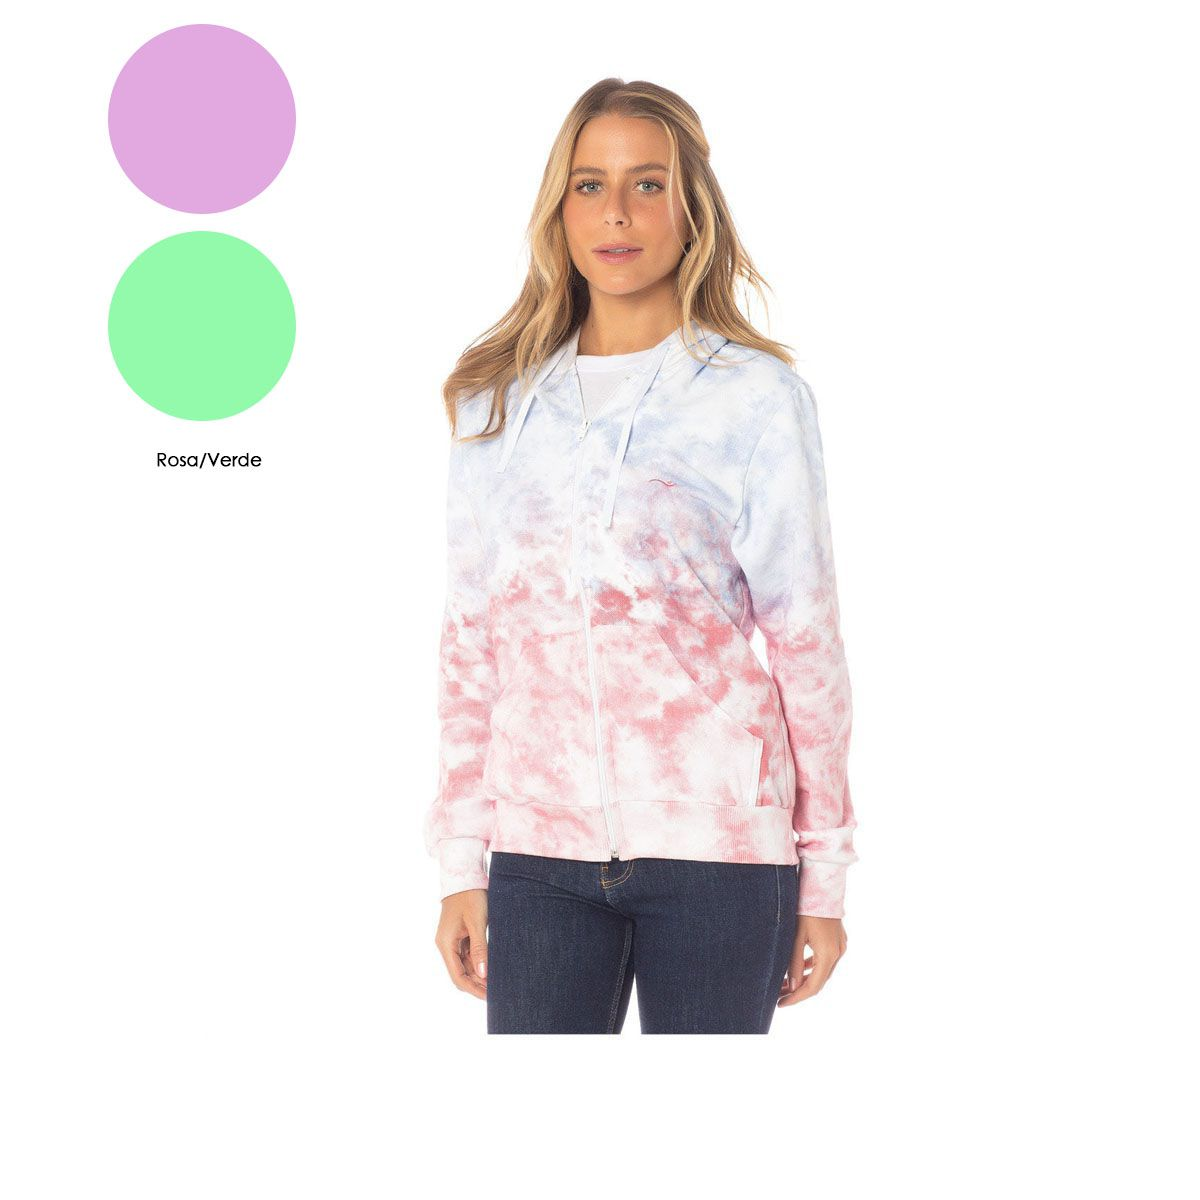 Blusa de Moletom Tie Dye Feminina Sba 67090